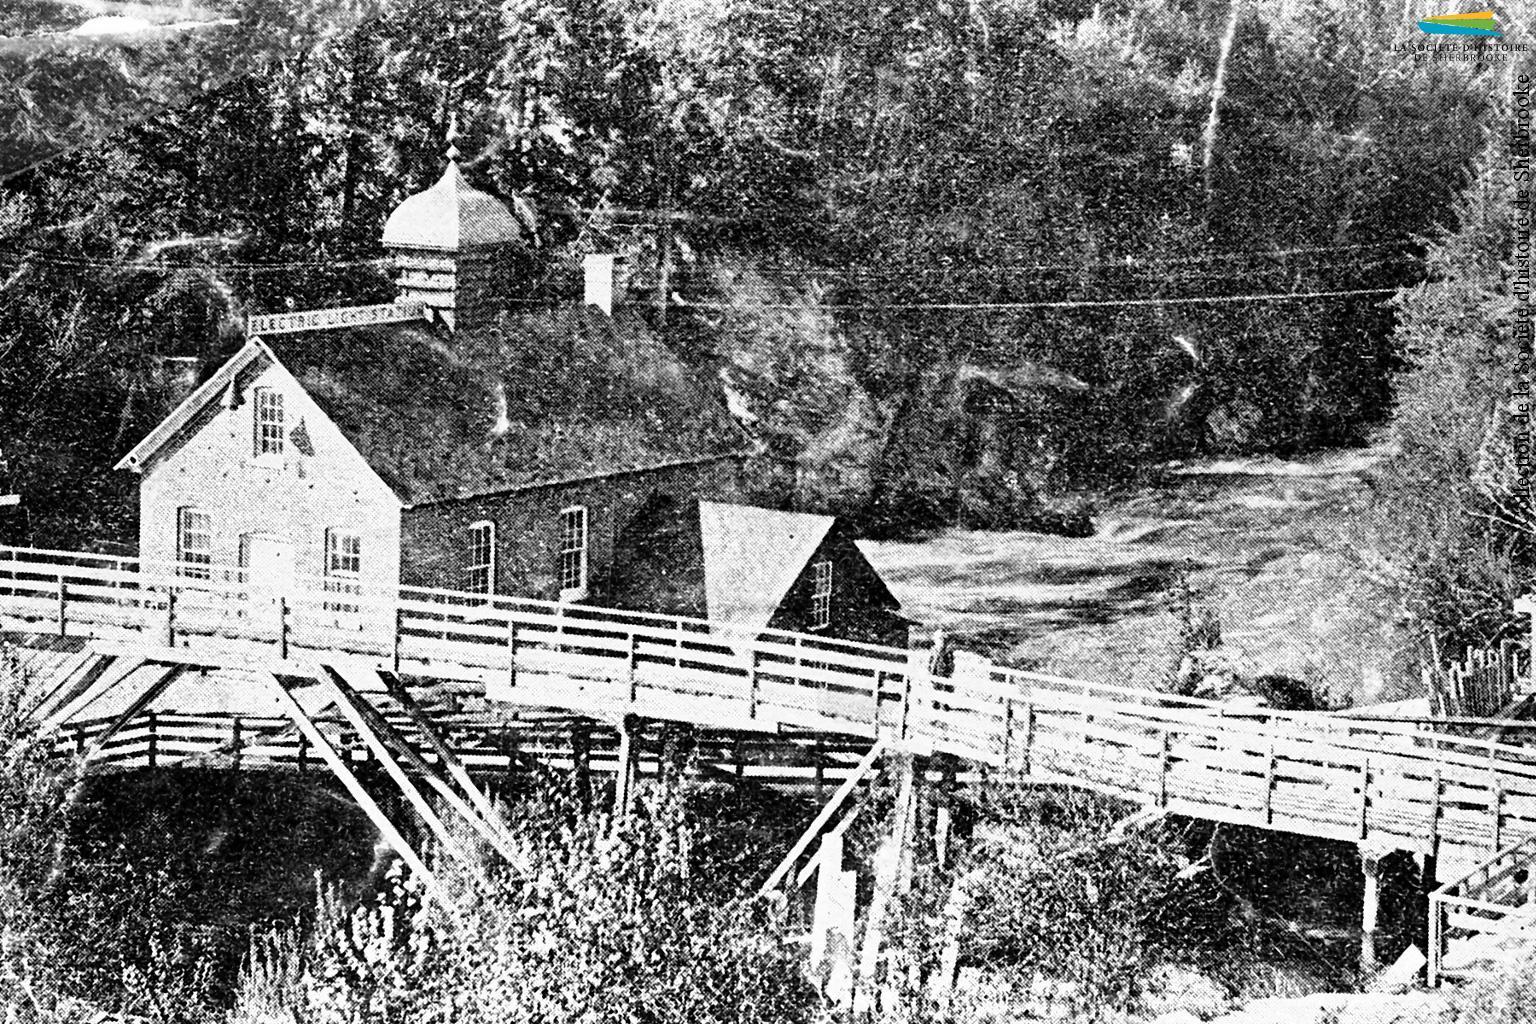 La Electric Light Station de la Sherbrooke Gas & Water Co., qui devient par la suite la centrale Frontenac, en 1890. La compagnie commence à y produire de l'électricité en 1888. Cette électricité est vendue à des commerçants et des industriels pour de l'éclairage; cela prend un certain nombres d'années avant que l'électricité s'implante dans les demeures des habitants de Sherbrooke.